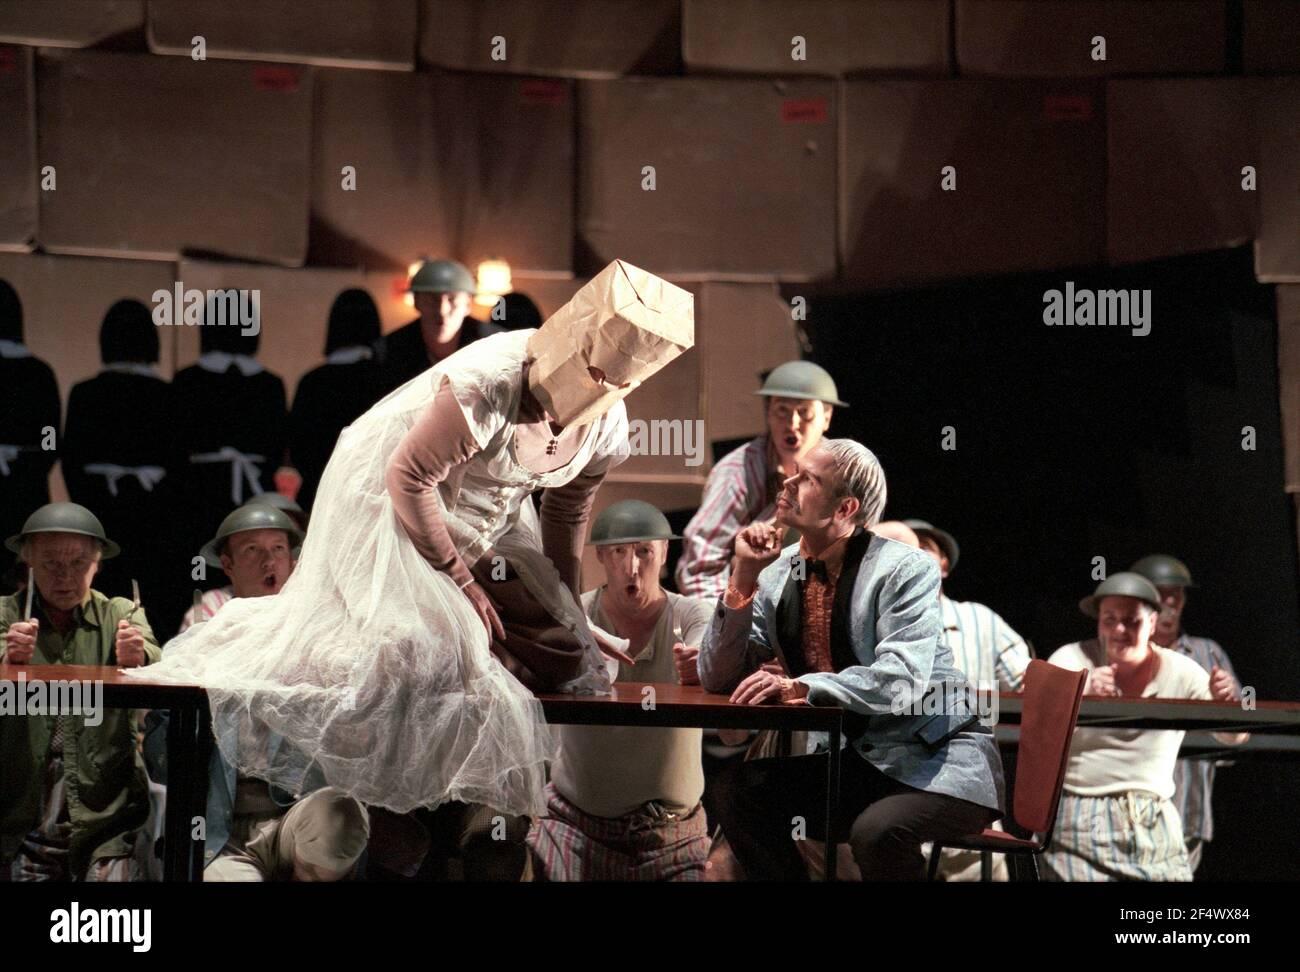 Deborah Polaski (Brunnhilde), Alan Held (Gunter) à GOTTERDAMMERUNG par Wagner à l'Opéra Royal, Covent Garden, Londres WC2 14/10/1995 chef d'orchestre: Bernard Haitink design: Nigel Lowery éclairage: Pat Collins mouvement: Matthew Hamilton directeur: Richard Jones Banque D'Images